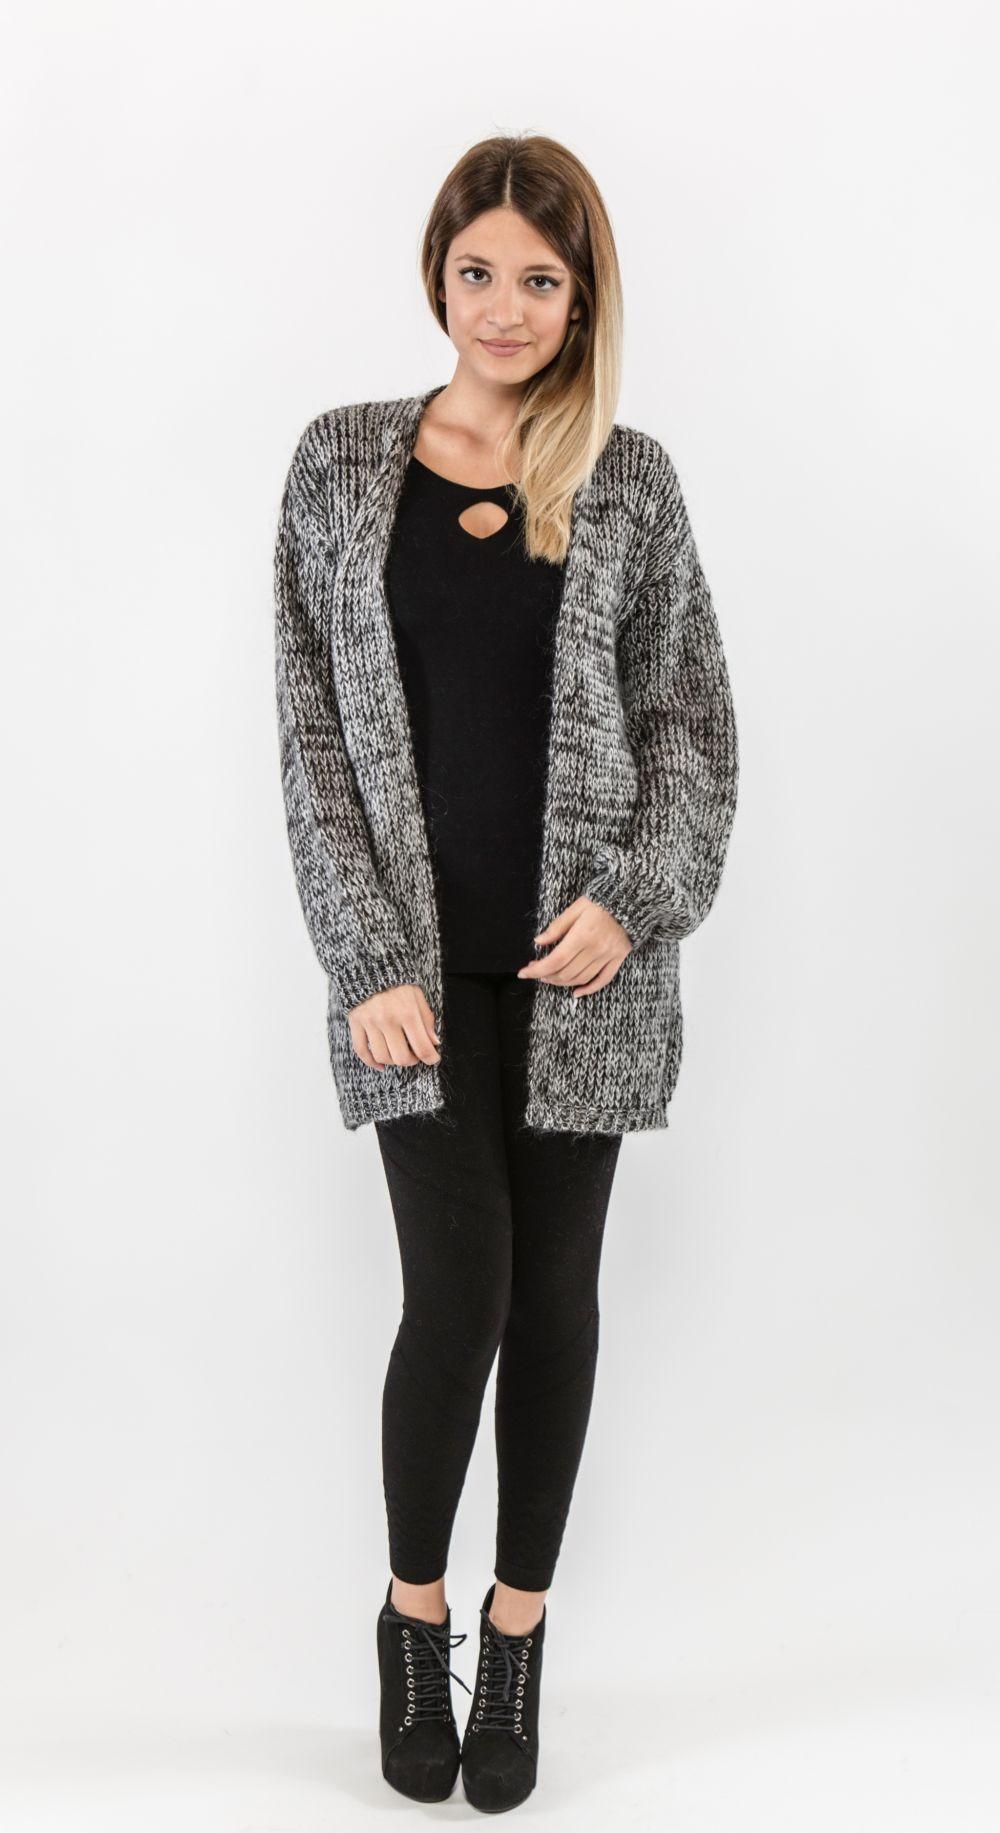 Модные свитера 2018 женские: вязаный кардиган серого цвета